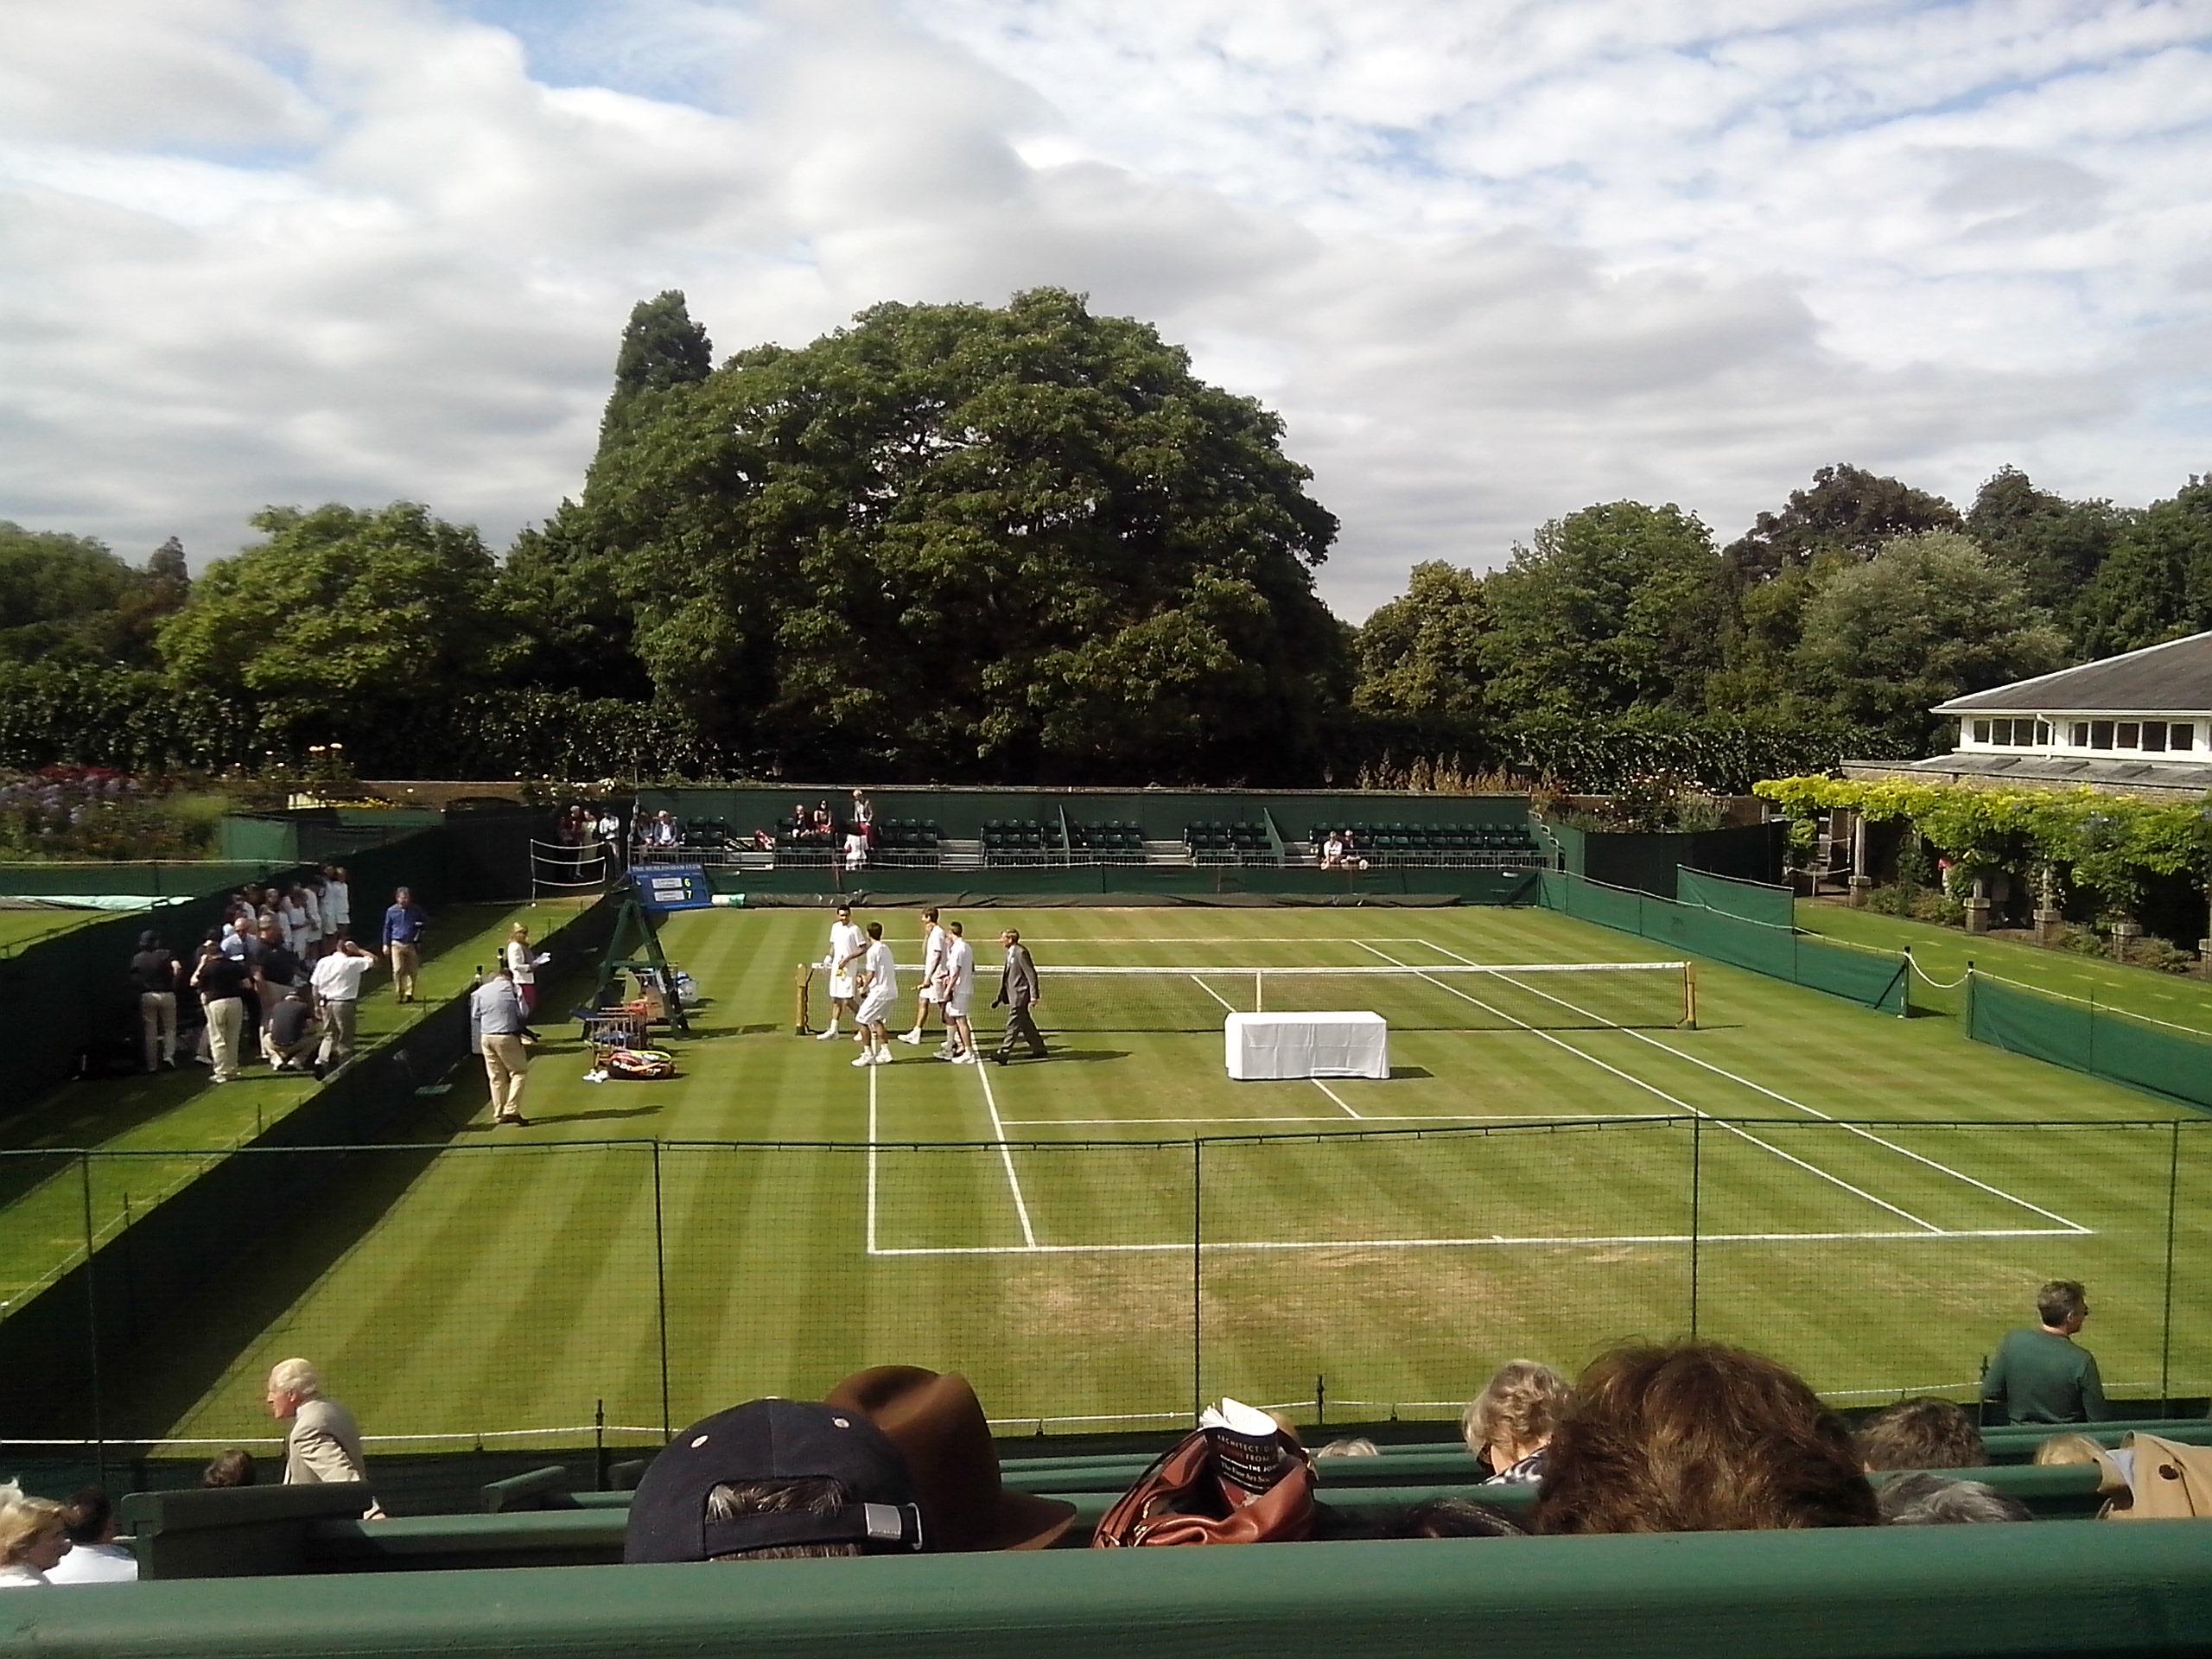 Tennis elbow at Wimbledon